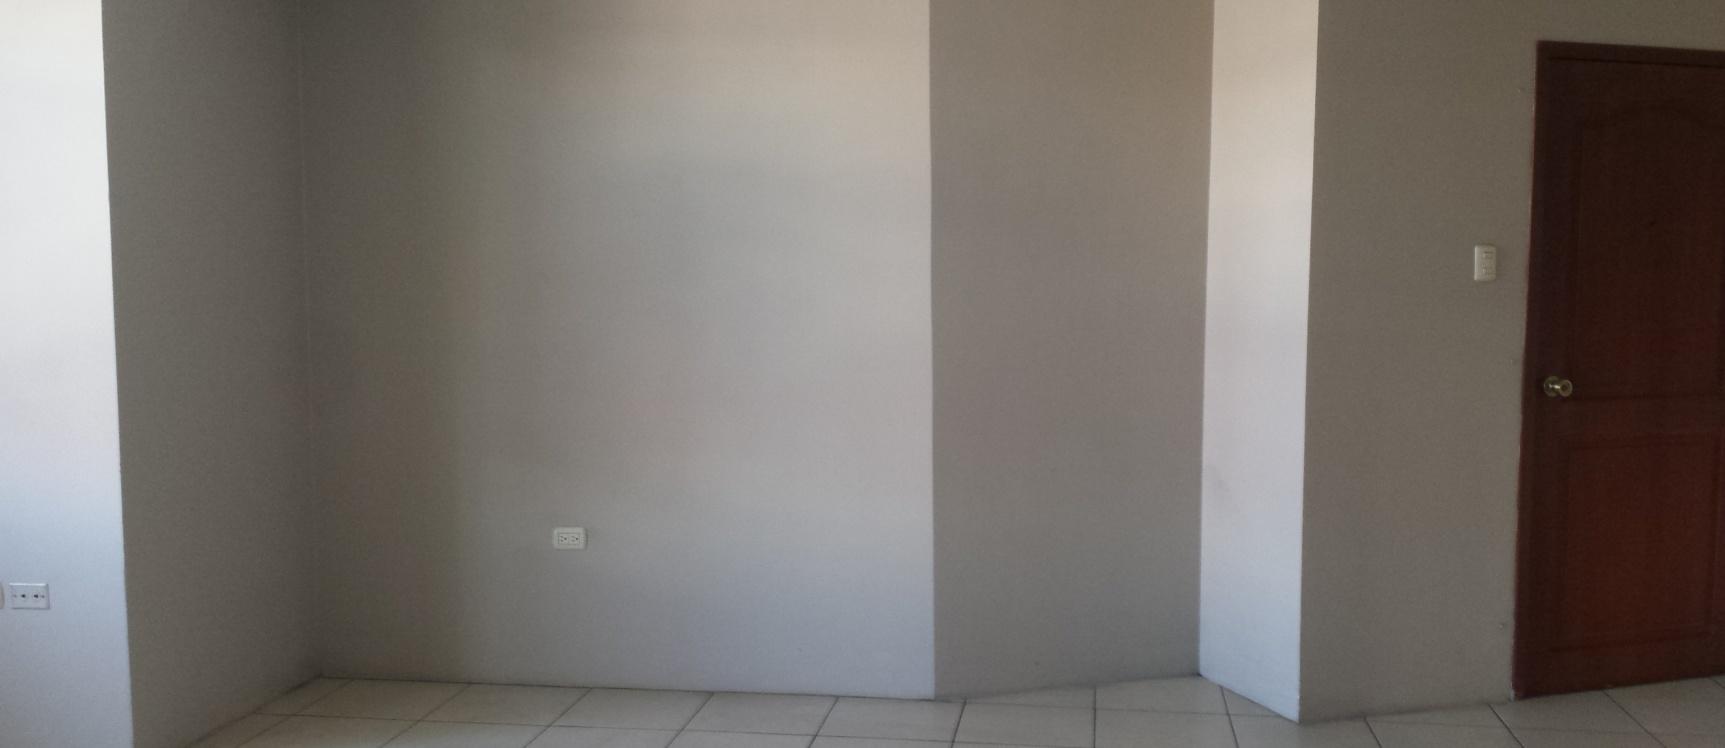 GeoBienes - Alquilo Oficina en Kennedy Remodelada - Plusvalia Guayaquil Casas de venta y alquiler Inmobiliaria Ecuador